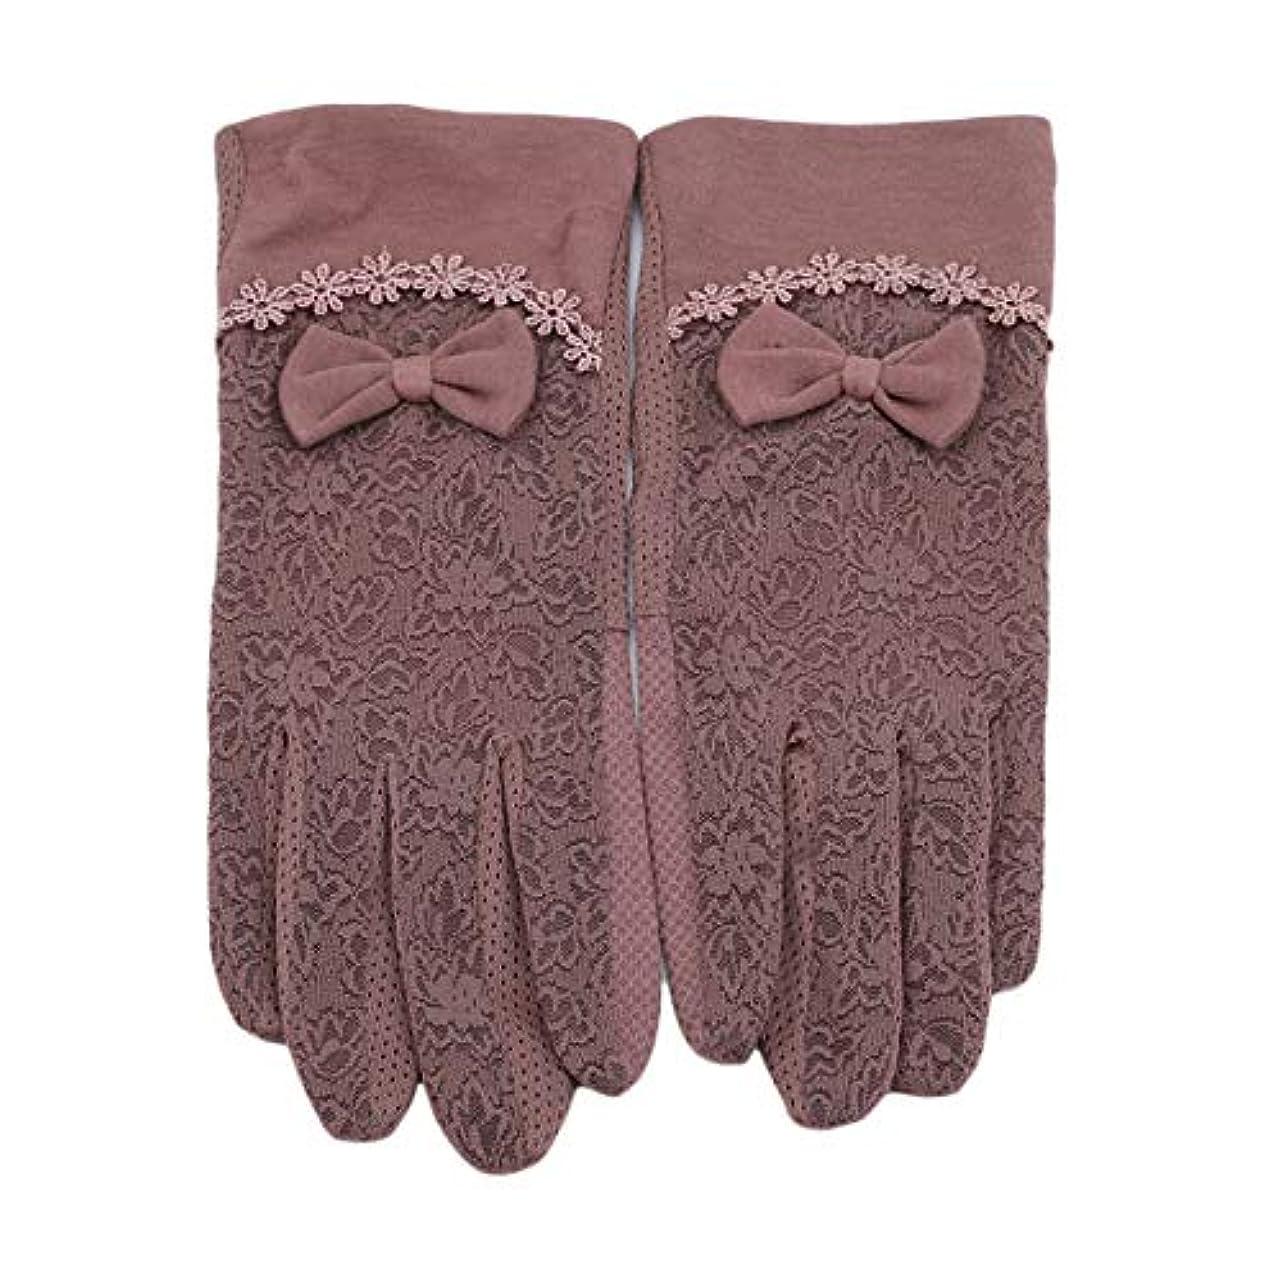 メンタルなにラダMODMHB 手袋 UVカット 手触りが良い 紫外線カット 日焼け防止 ハンド ケア 手荒い対策 保湿 保護 抗菌 防臭